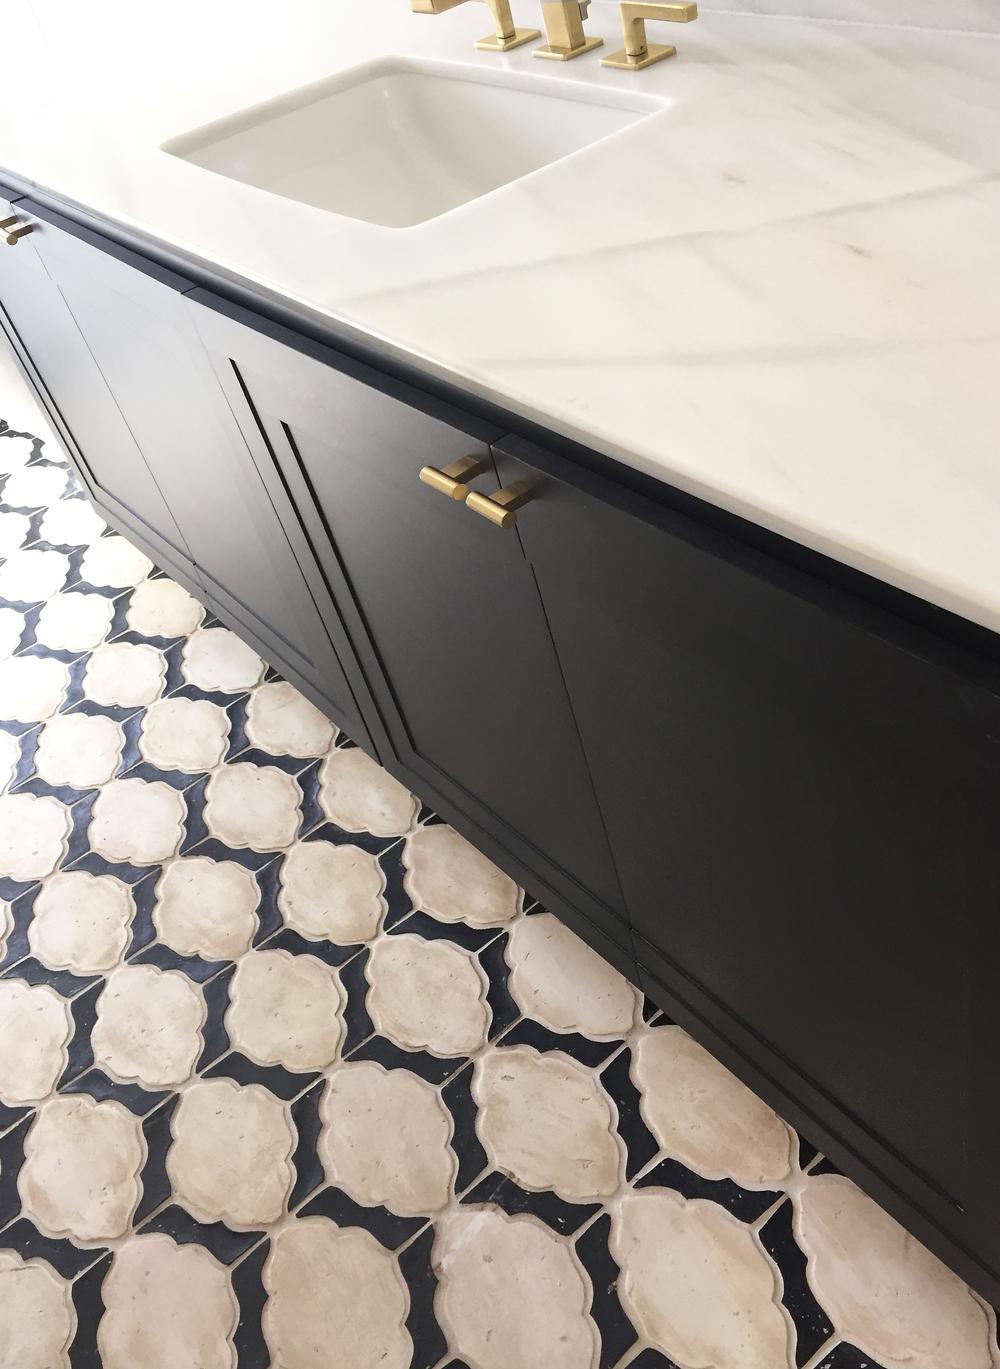 levantine instal tabrka flooring.jpg